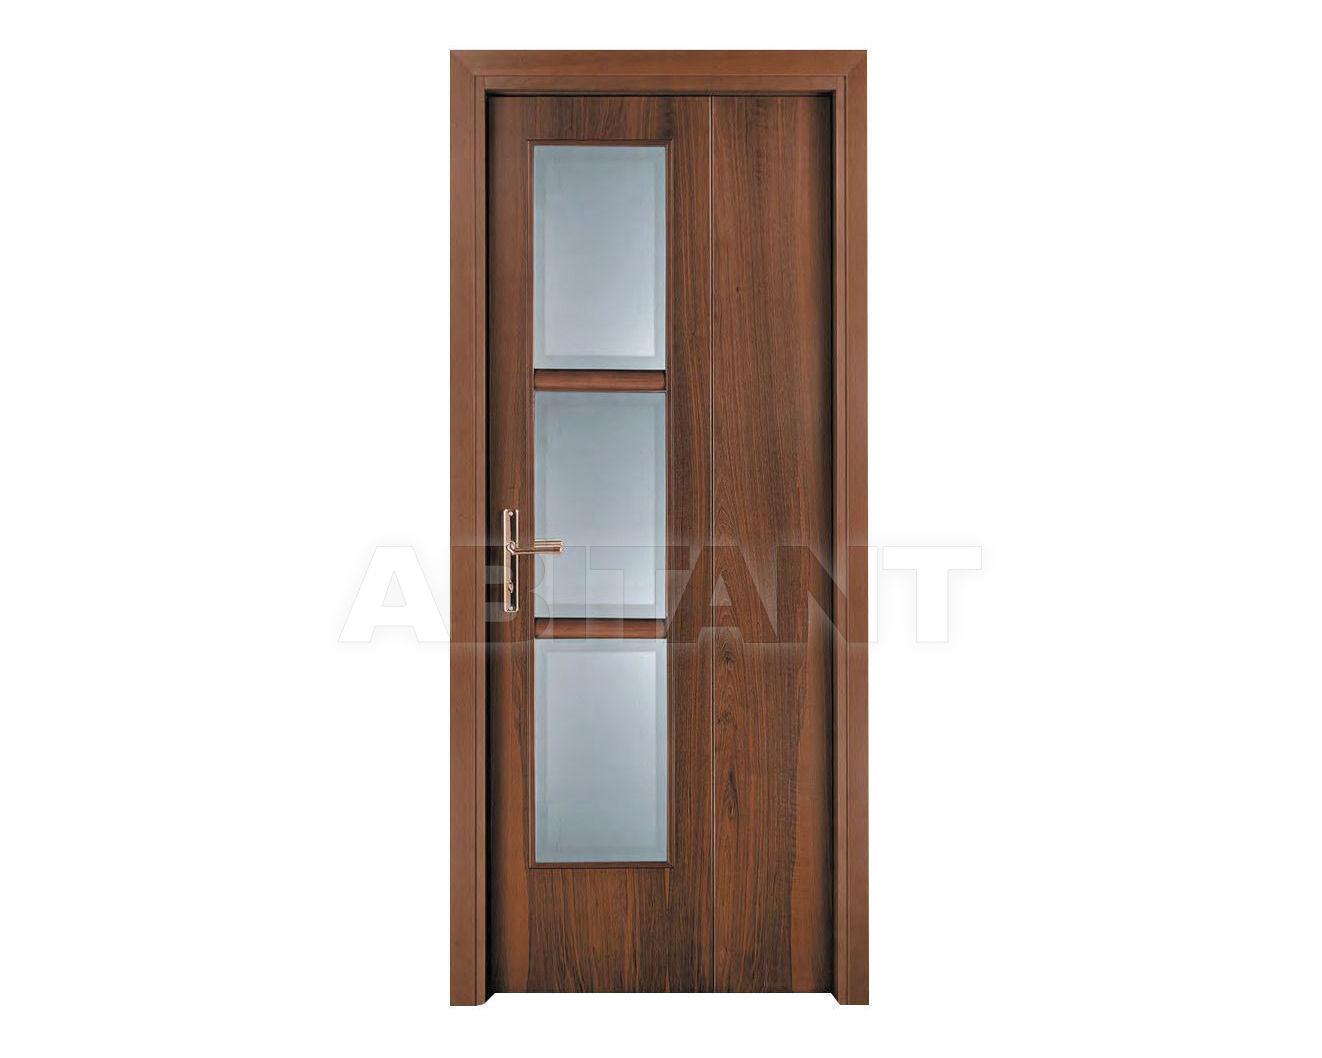 Купить Дверь деревянная Fioravazzi Lisce LIBRO TRADIZIONALE MANTOVANA